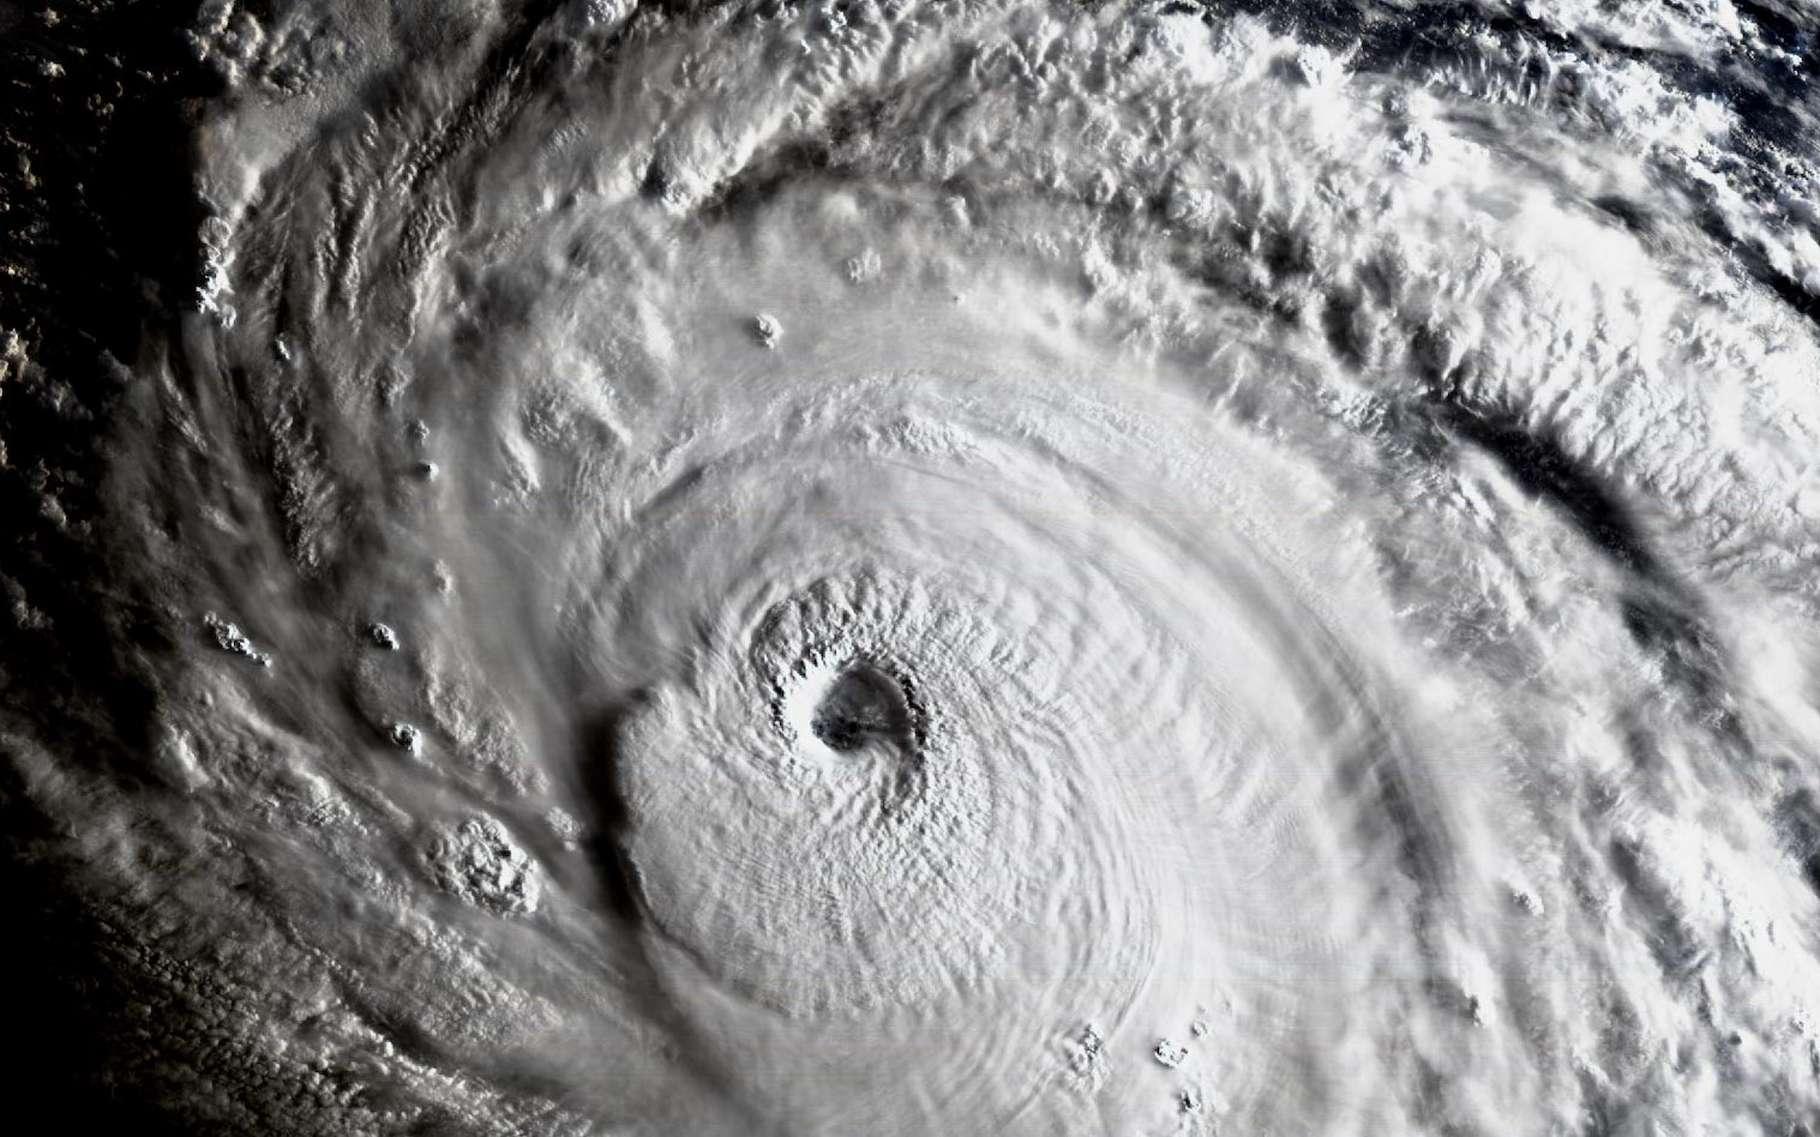 En 2017, l'ouragan Irma a atteint la catégorie 5 sur l'échelle Saffir-Simpson. Il a dévasté les Caraïbes avant de toucher la Floride. Ici, vu par le Geostationary Operational Environmental Satellite. © Université du Wisconsin